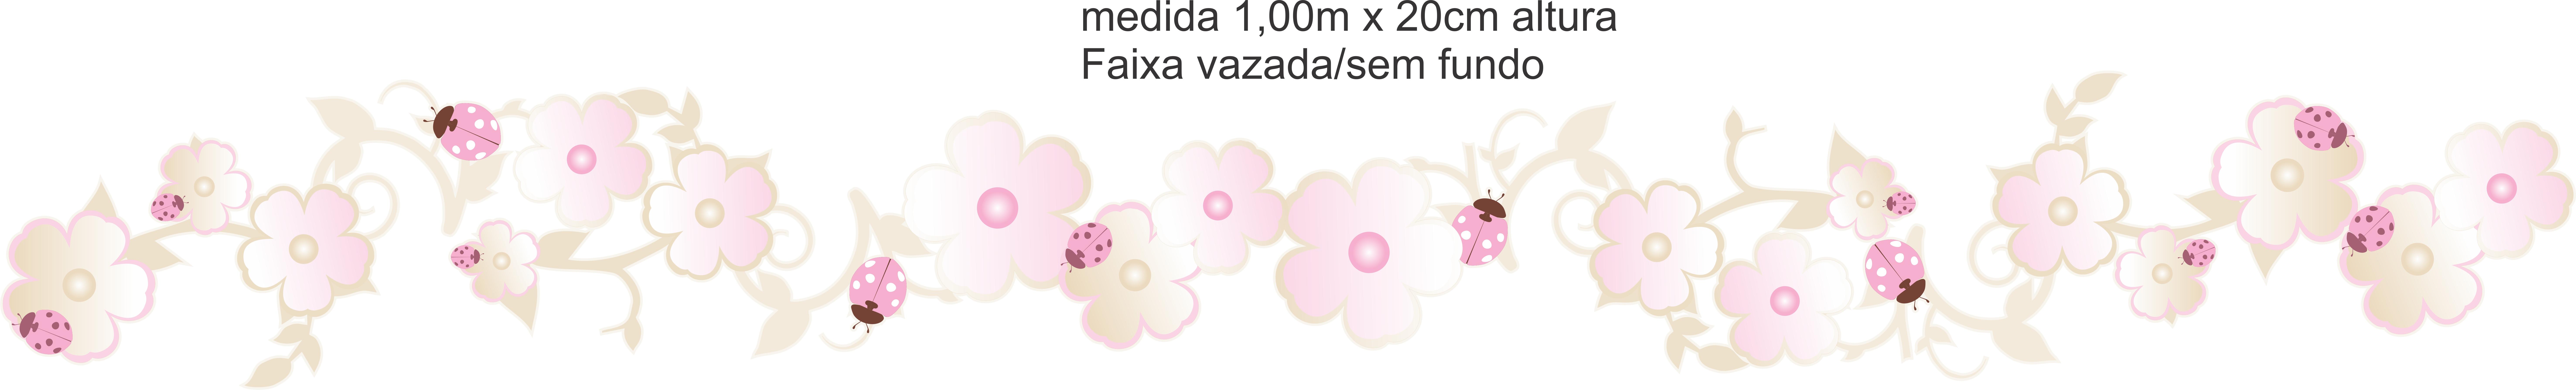 Artesanato Quadros De Madeira ~ Adesivo Faixa Jardim das Joaninhas Ideia Cor adesivos decorativos Elo7